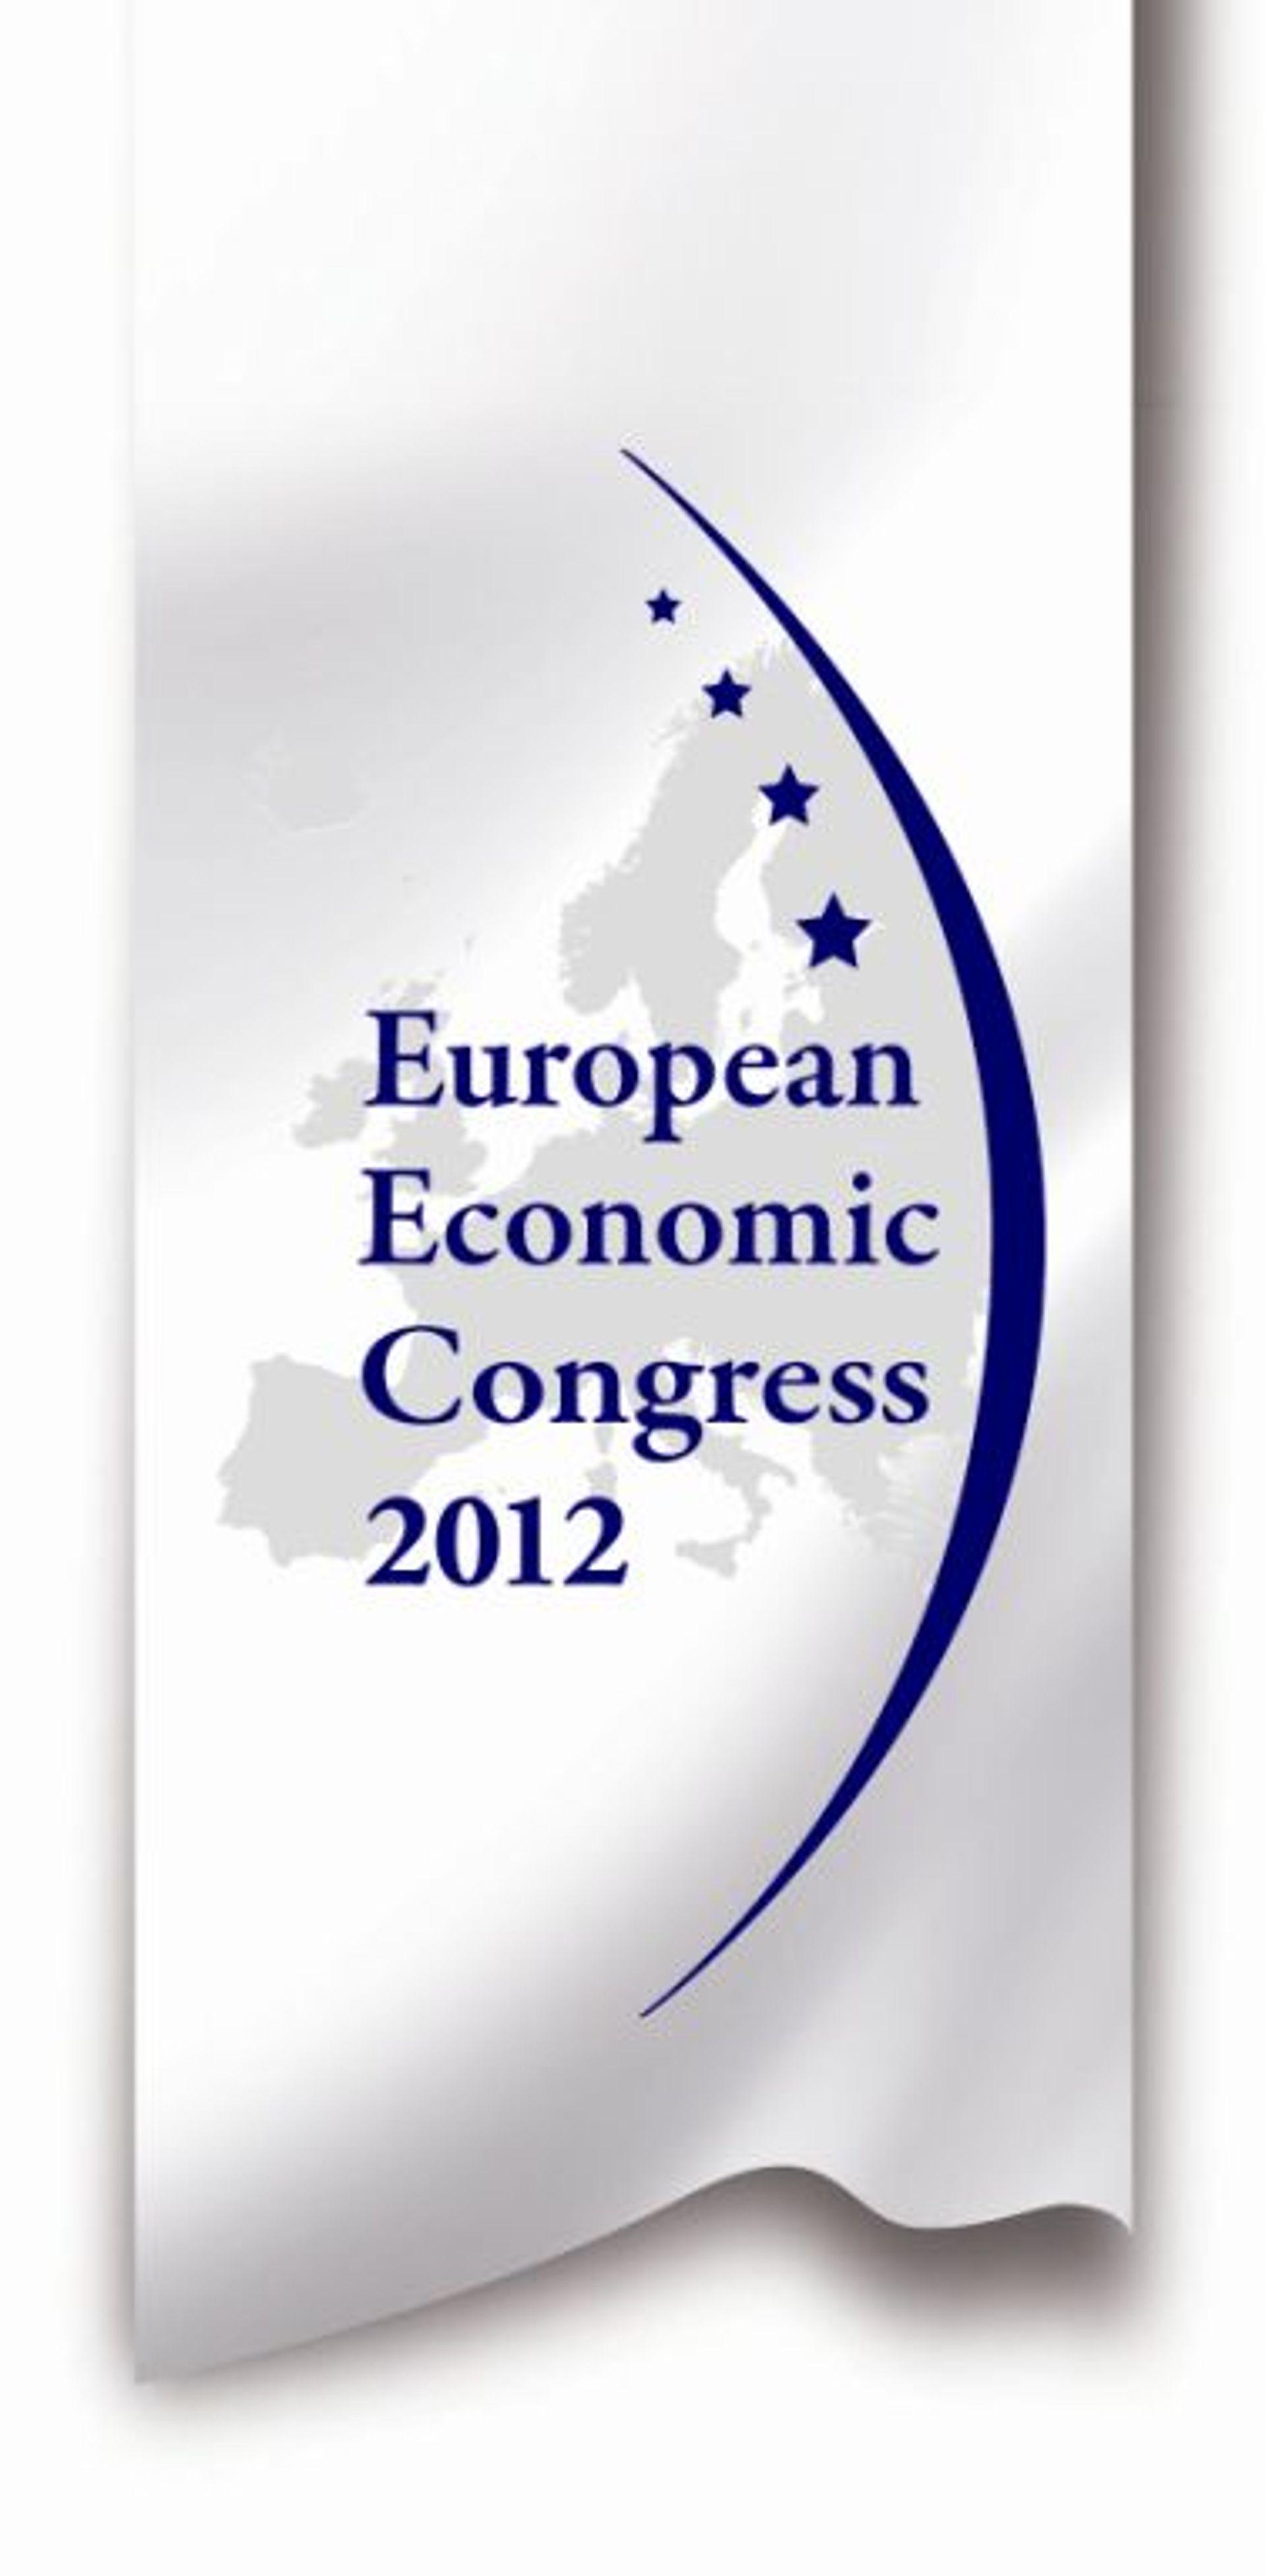 [Katowice] Kto zaprasza do udziału w Europejskim Kongresie Gospodarczym 2012?